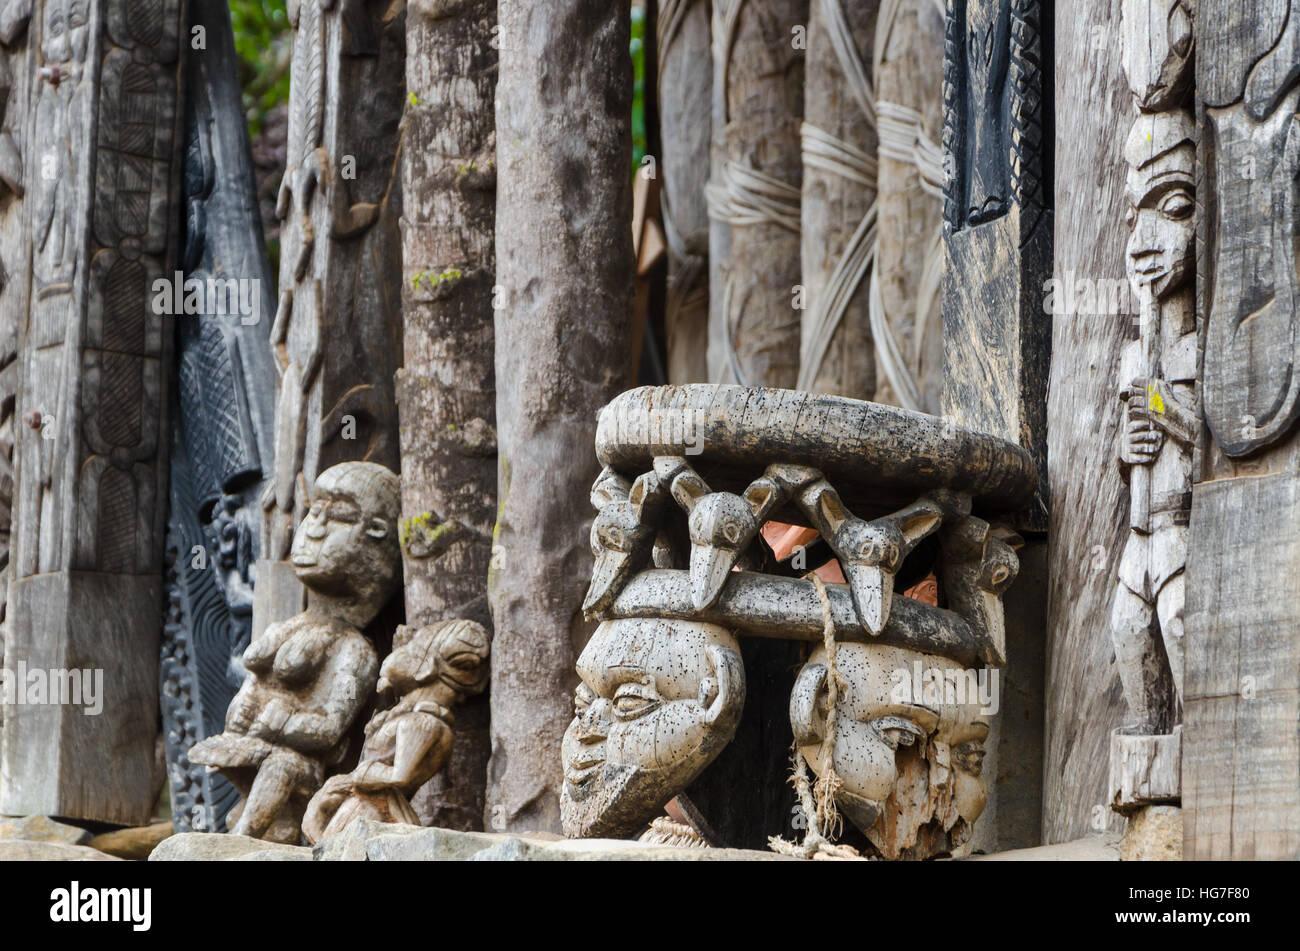 Stuhl im Holzschnitzereien andere und afrikanische kwiTOXZulP